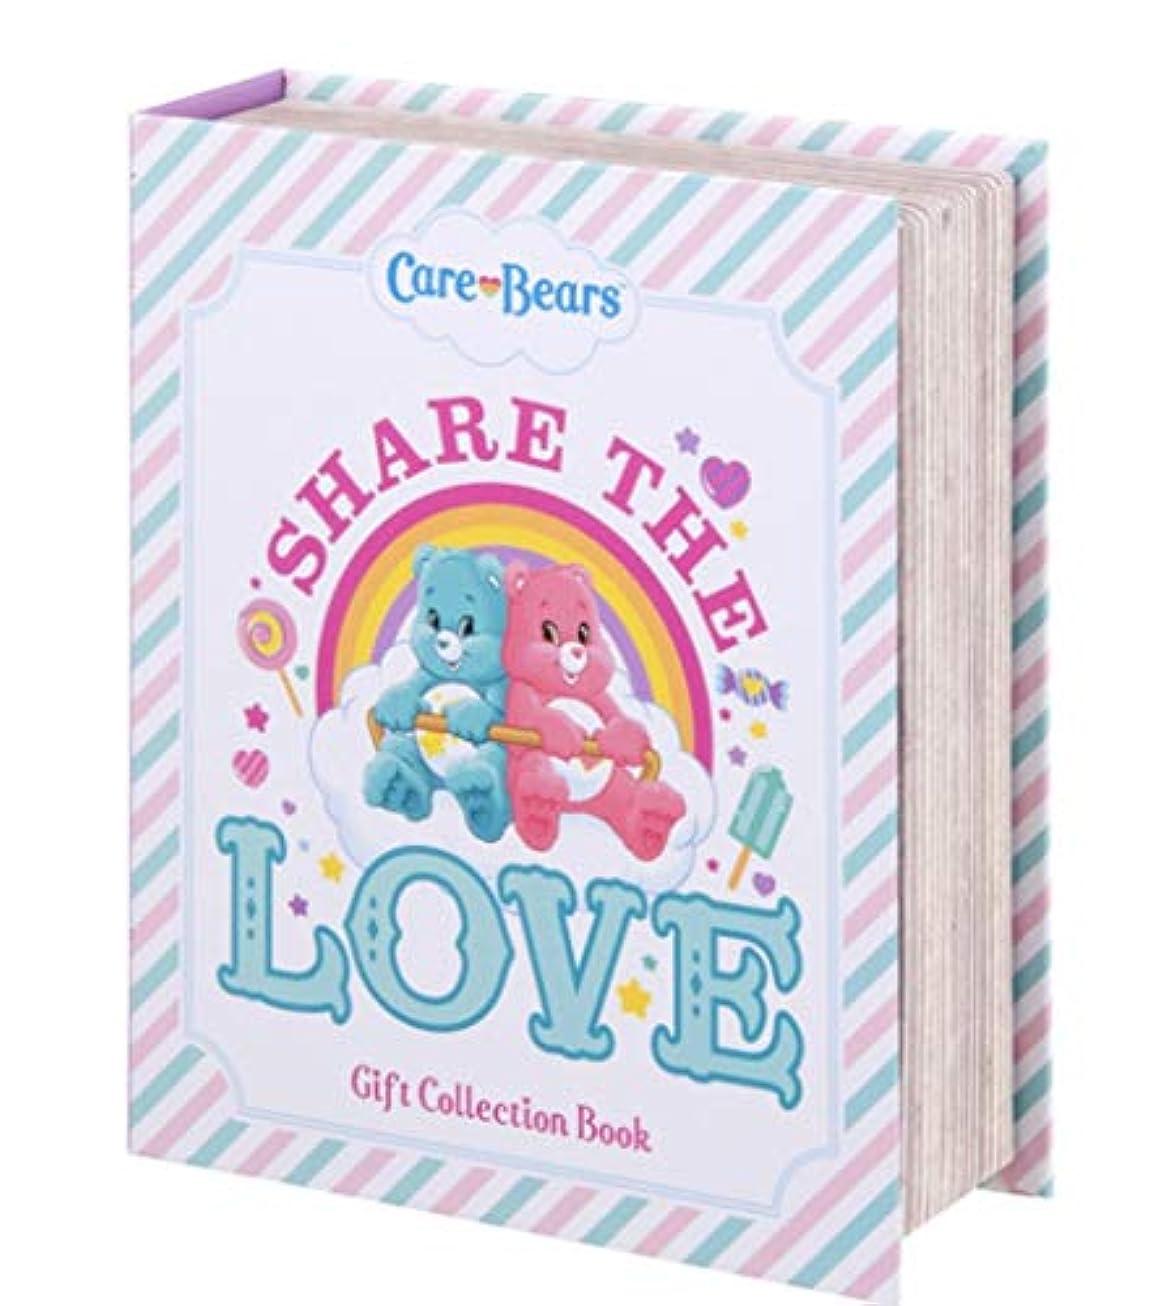 定数発表する魅力的であることへのアピールケアベア Care Bears ボディケア ギフトコレクションブック Gift Collection Book Body Care Coffret